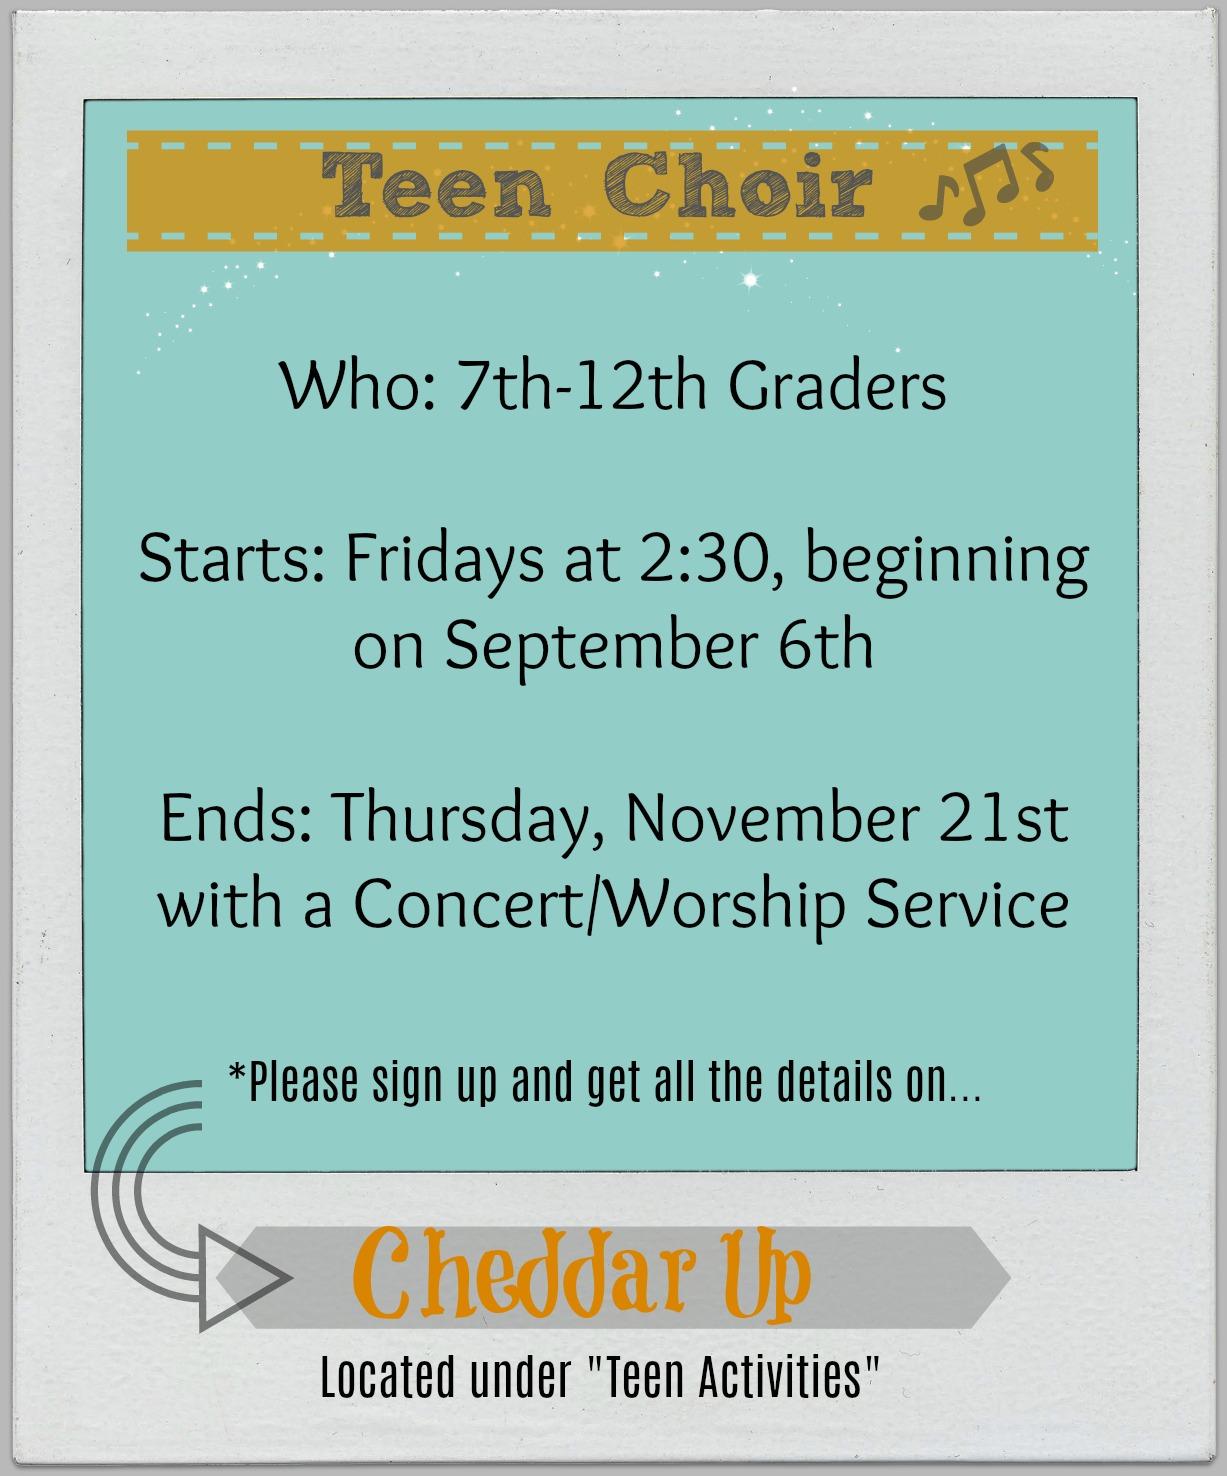 Teen Choir Newsletter.jpg